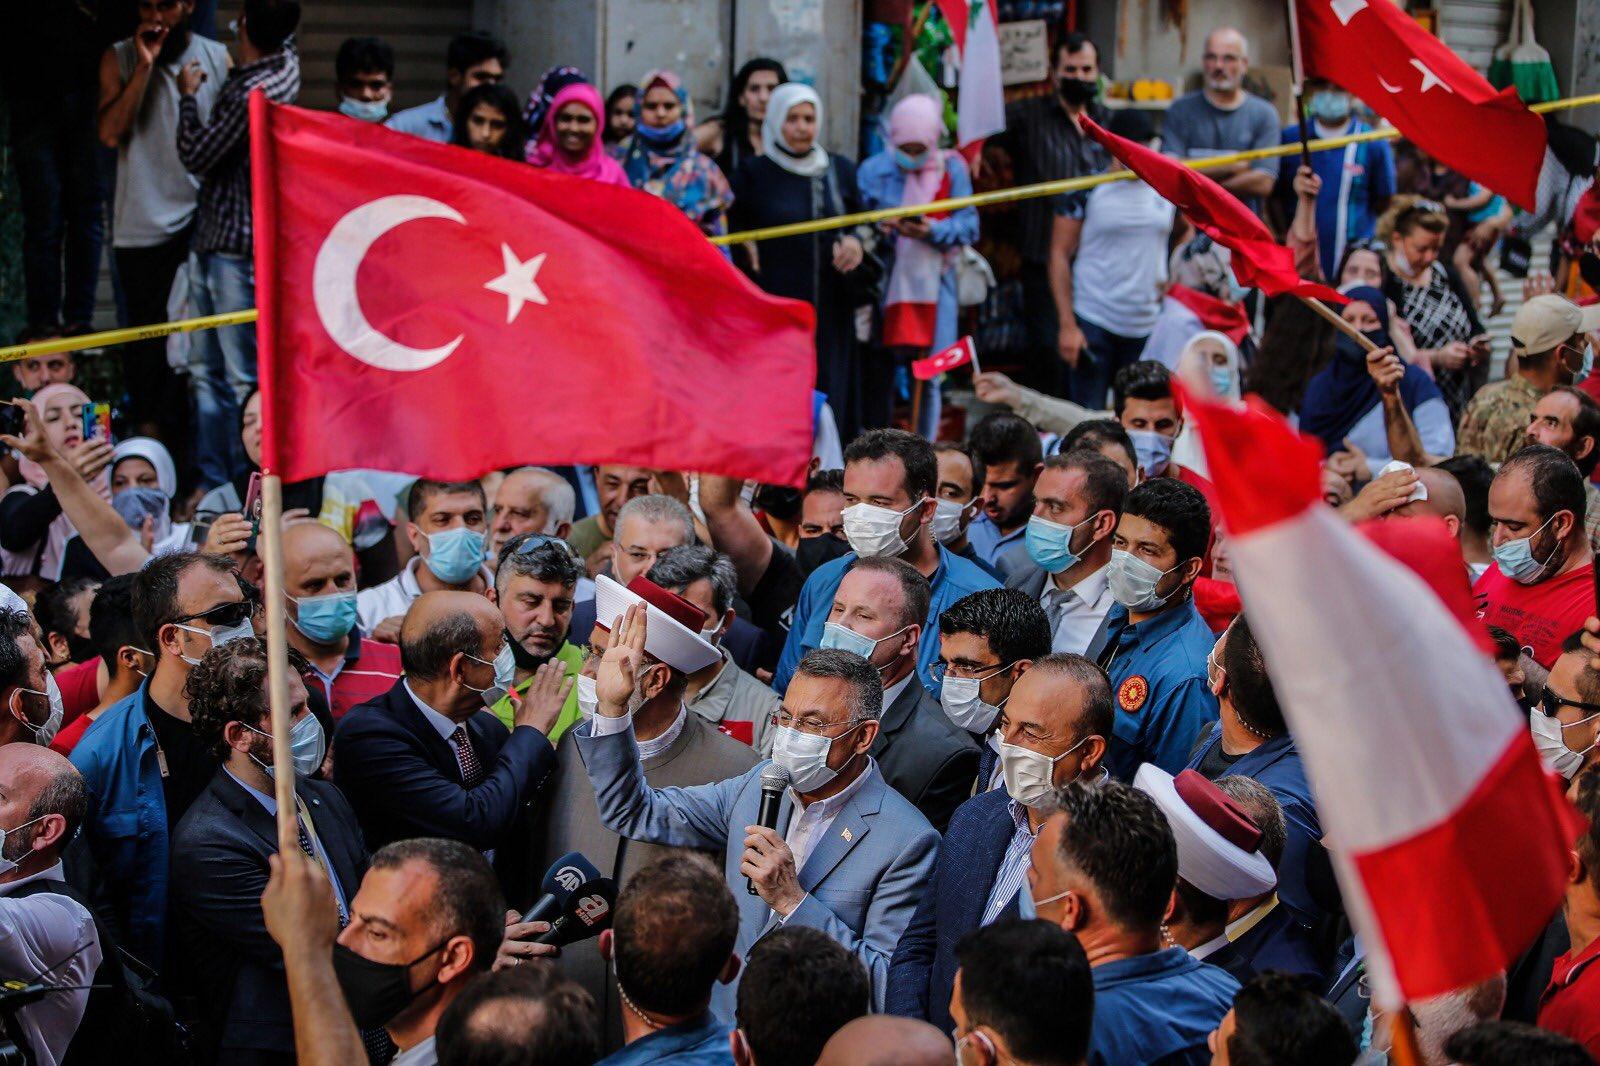 Η Τουρκία ελέγχει τους εξτρεμιστές της Τρίπολης Λιβάνου. Αν αυτοί κινηθούν προς Βηρυτό θα επέλθει εμφύλιος...